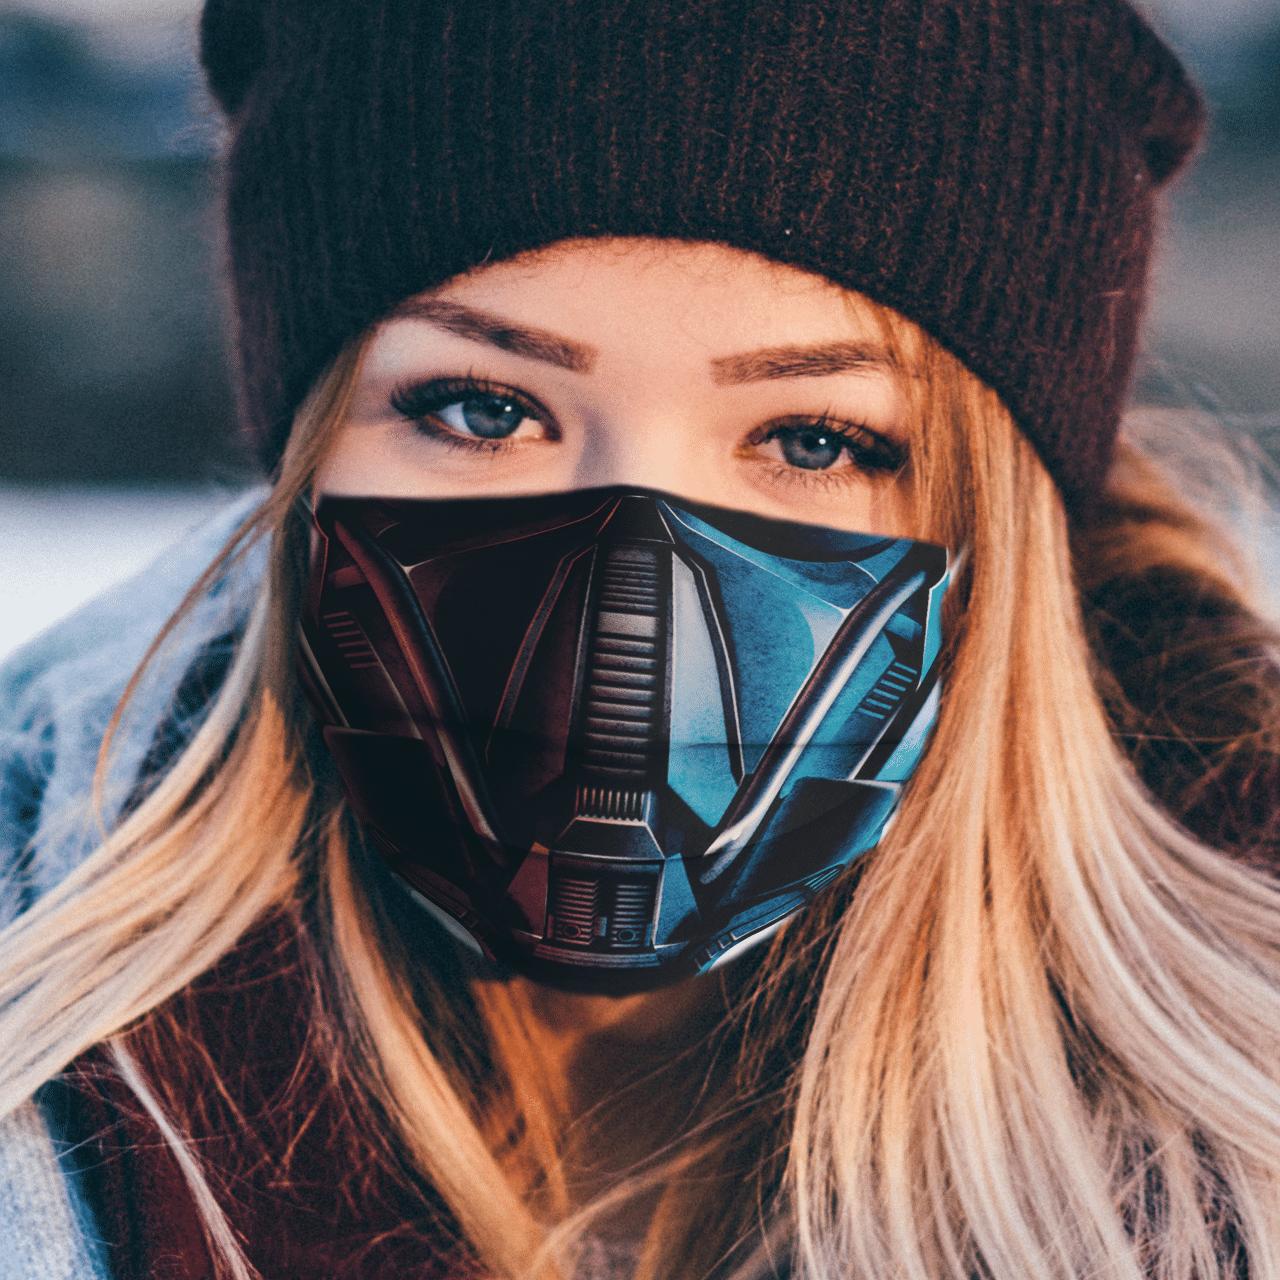 Deathtrooper Star Wars 3D face mask